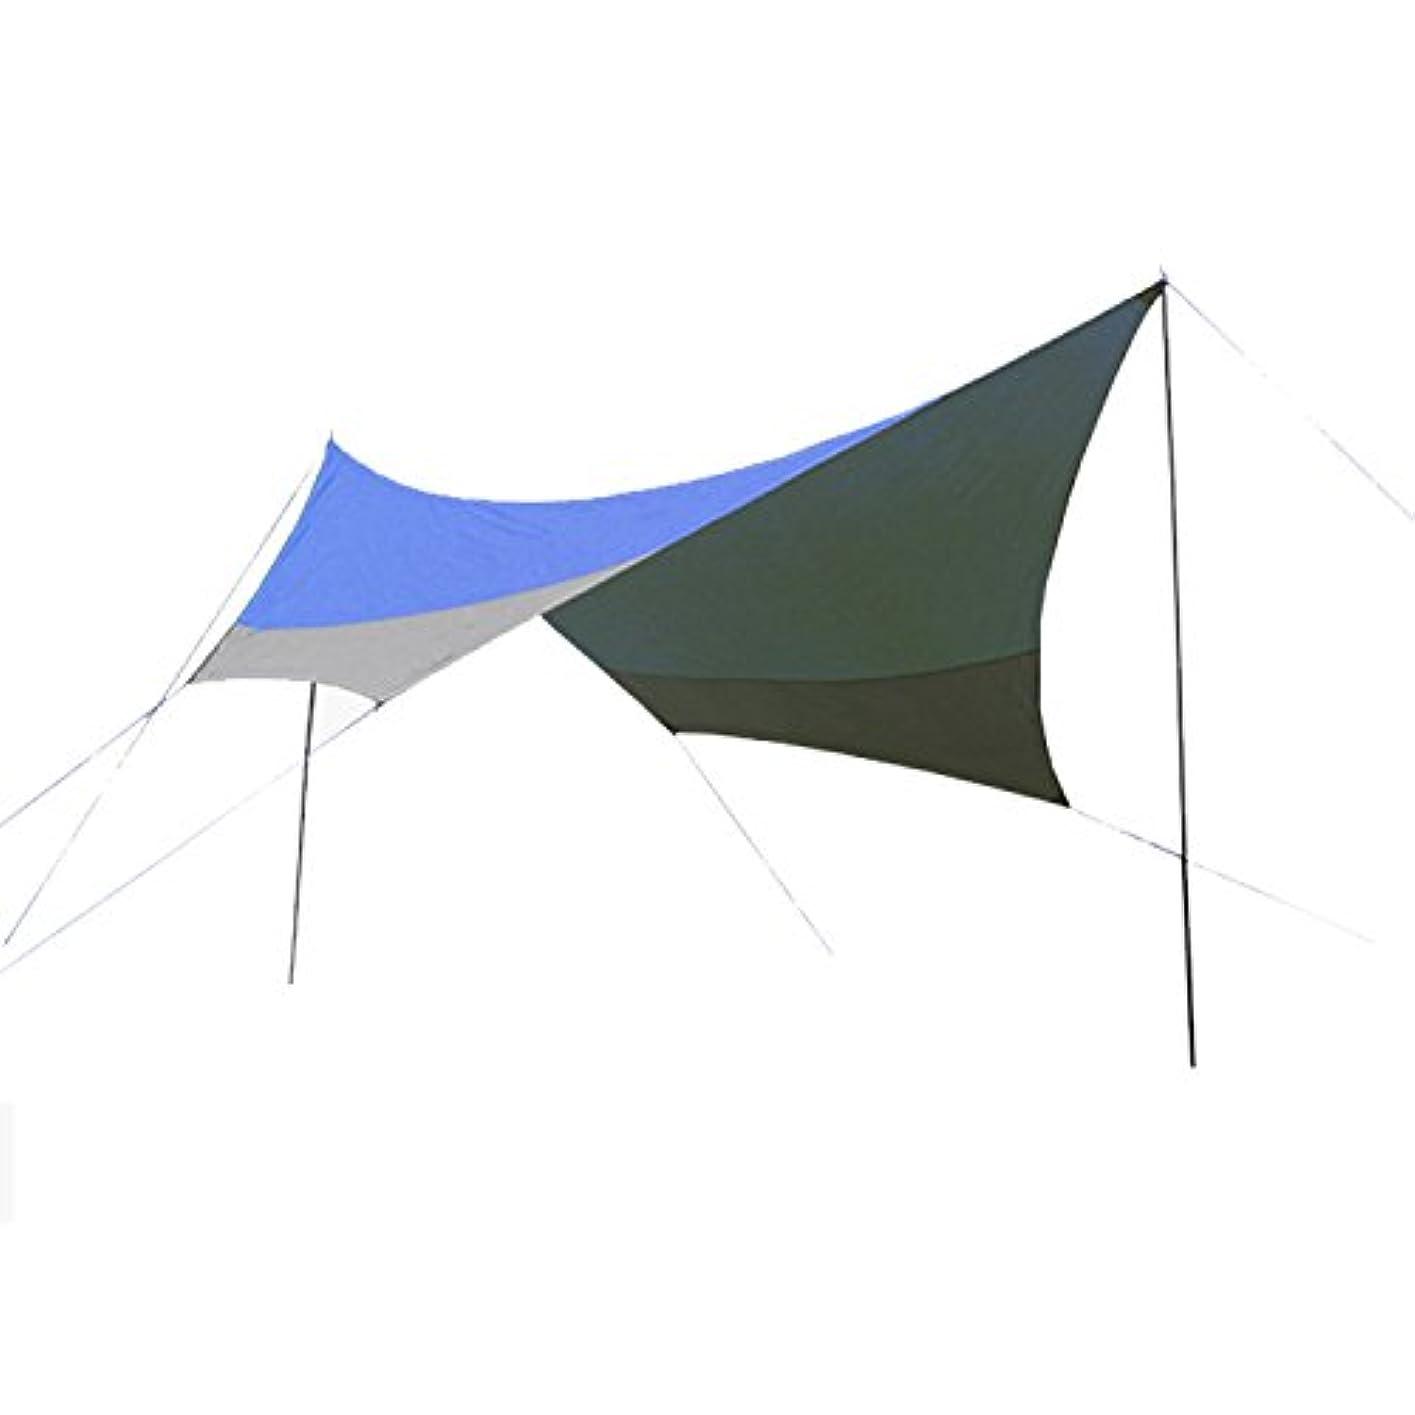 媒染剤電気技師ホーンヘキサ タープ 耐水 UVカット ペグ付き ポール付き 重量3kg 収納袋付き 全2色 [5~6人用] [並行輸入品]